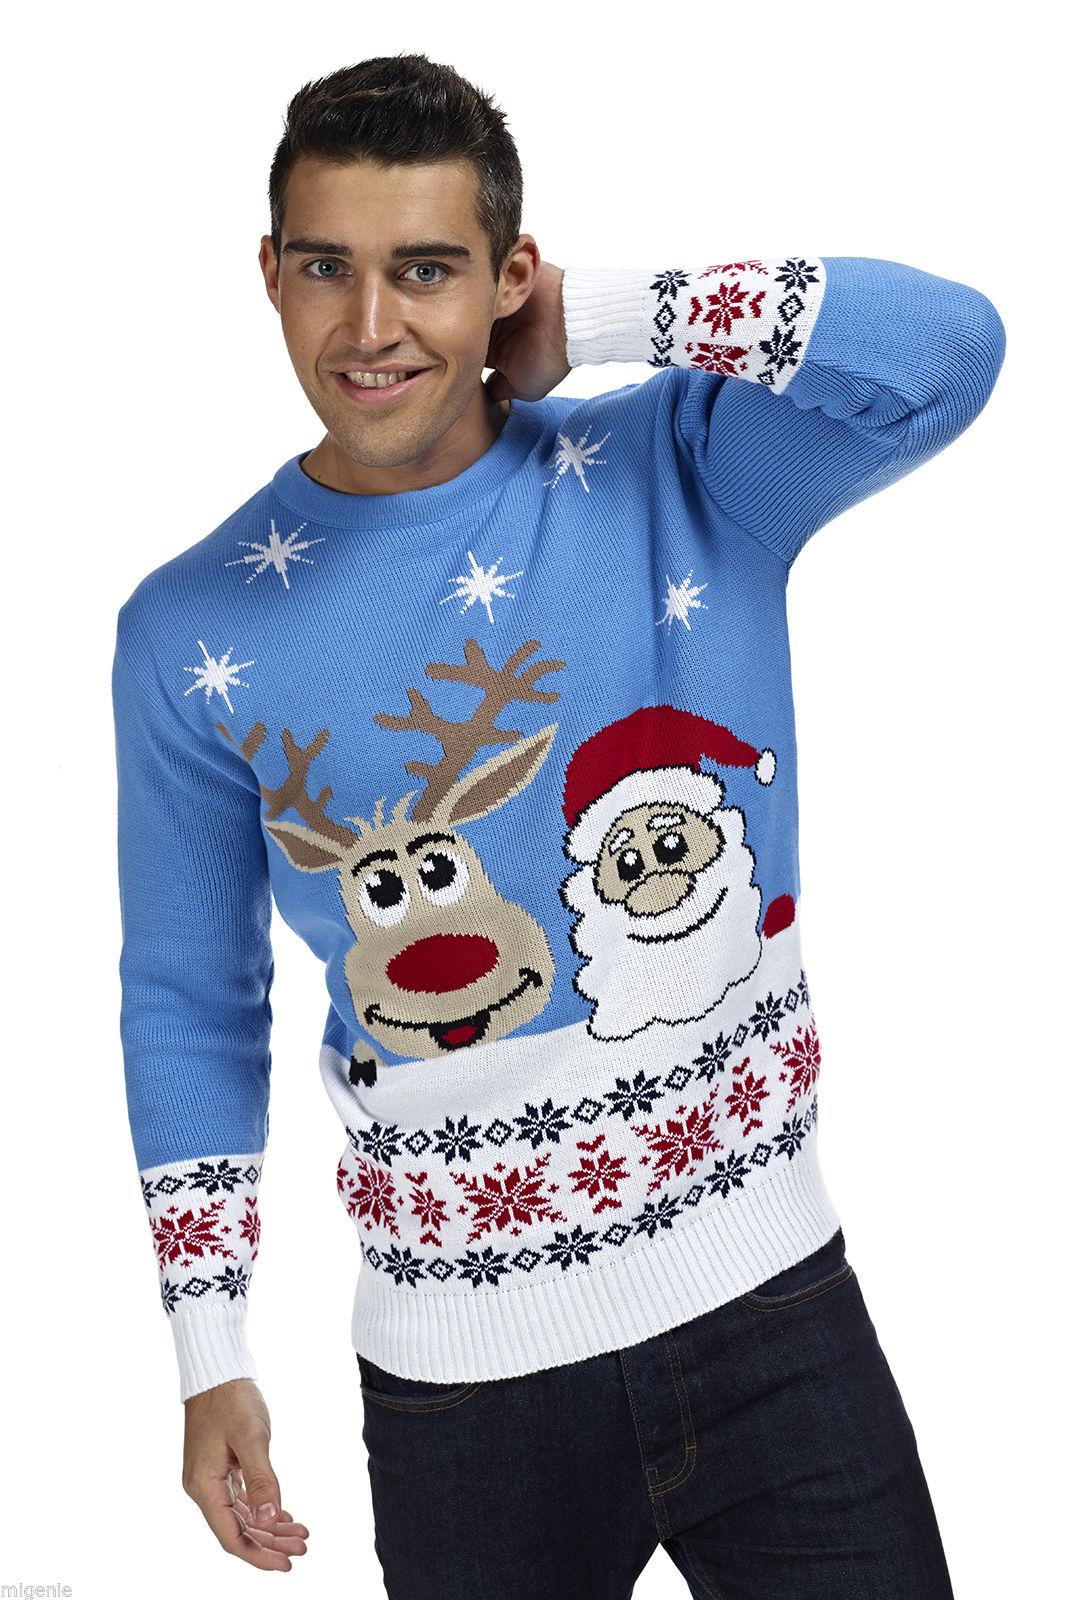 Lelijke Kersttrui Kopen.Foute Kersttrui Rendier En Kerstman Kersttrui Com Kersttrui Kopen